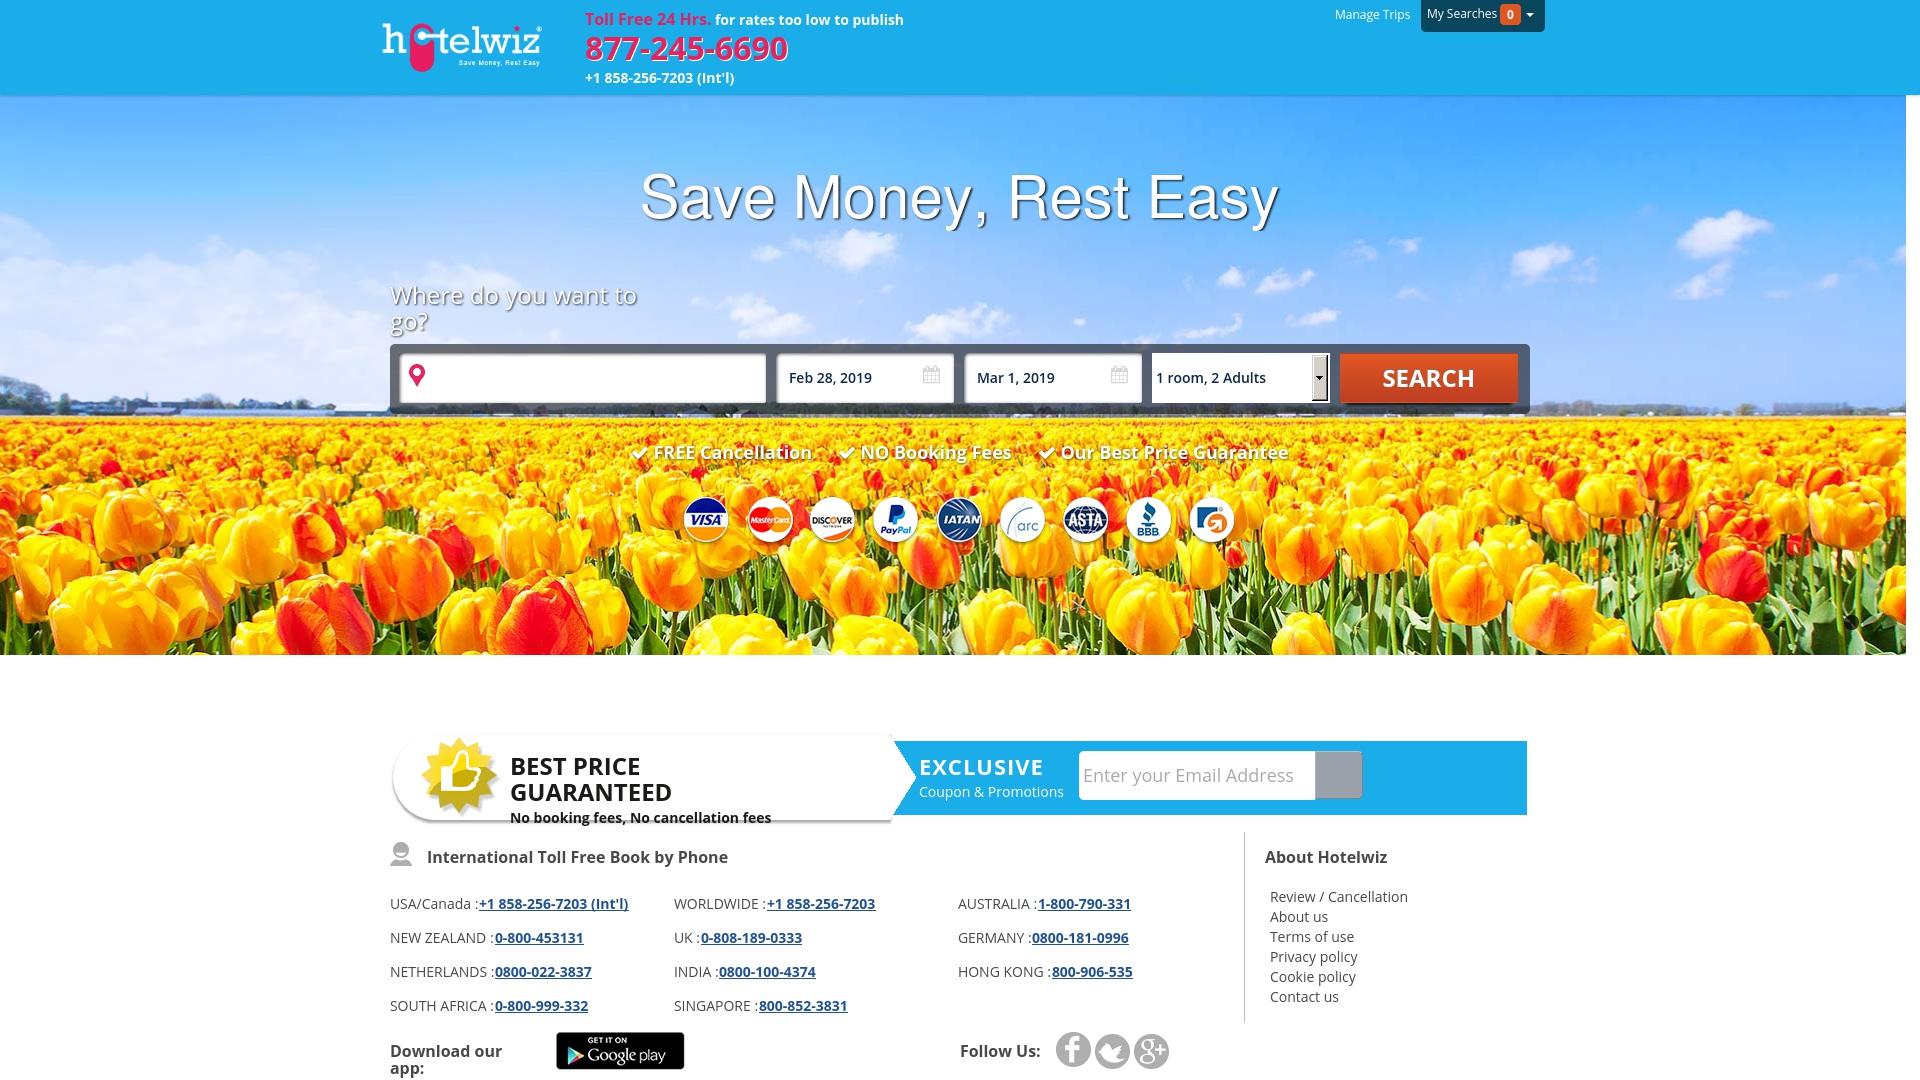 Gutschein für Hotelwiz: Rabatte für  Hotelwiz sichern